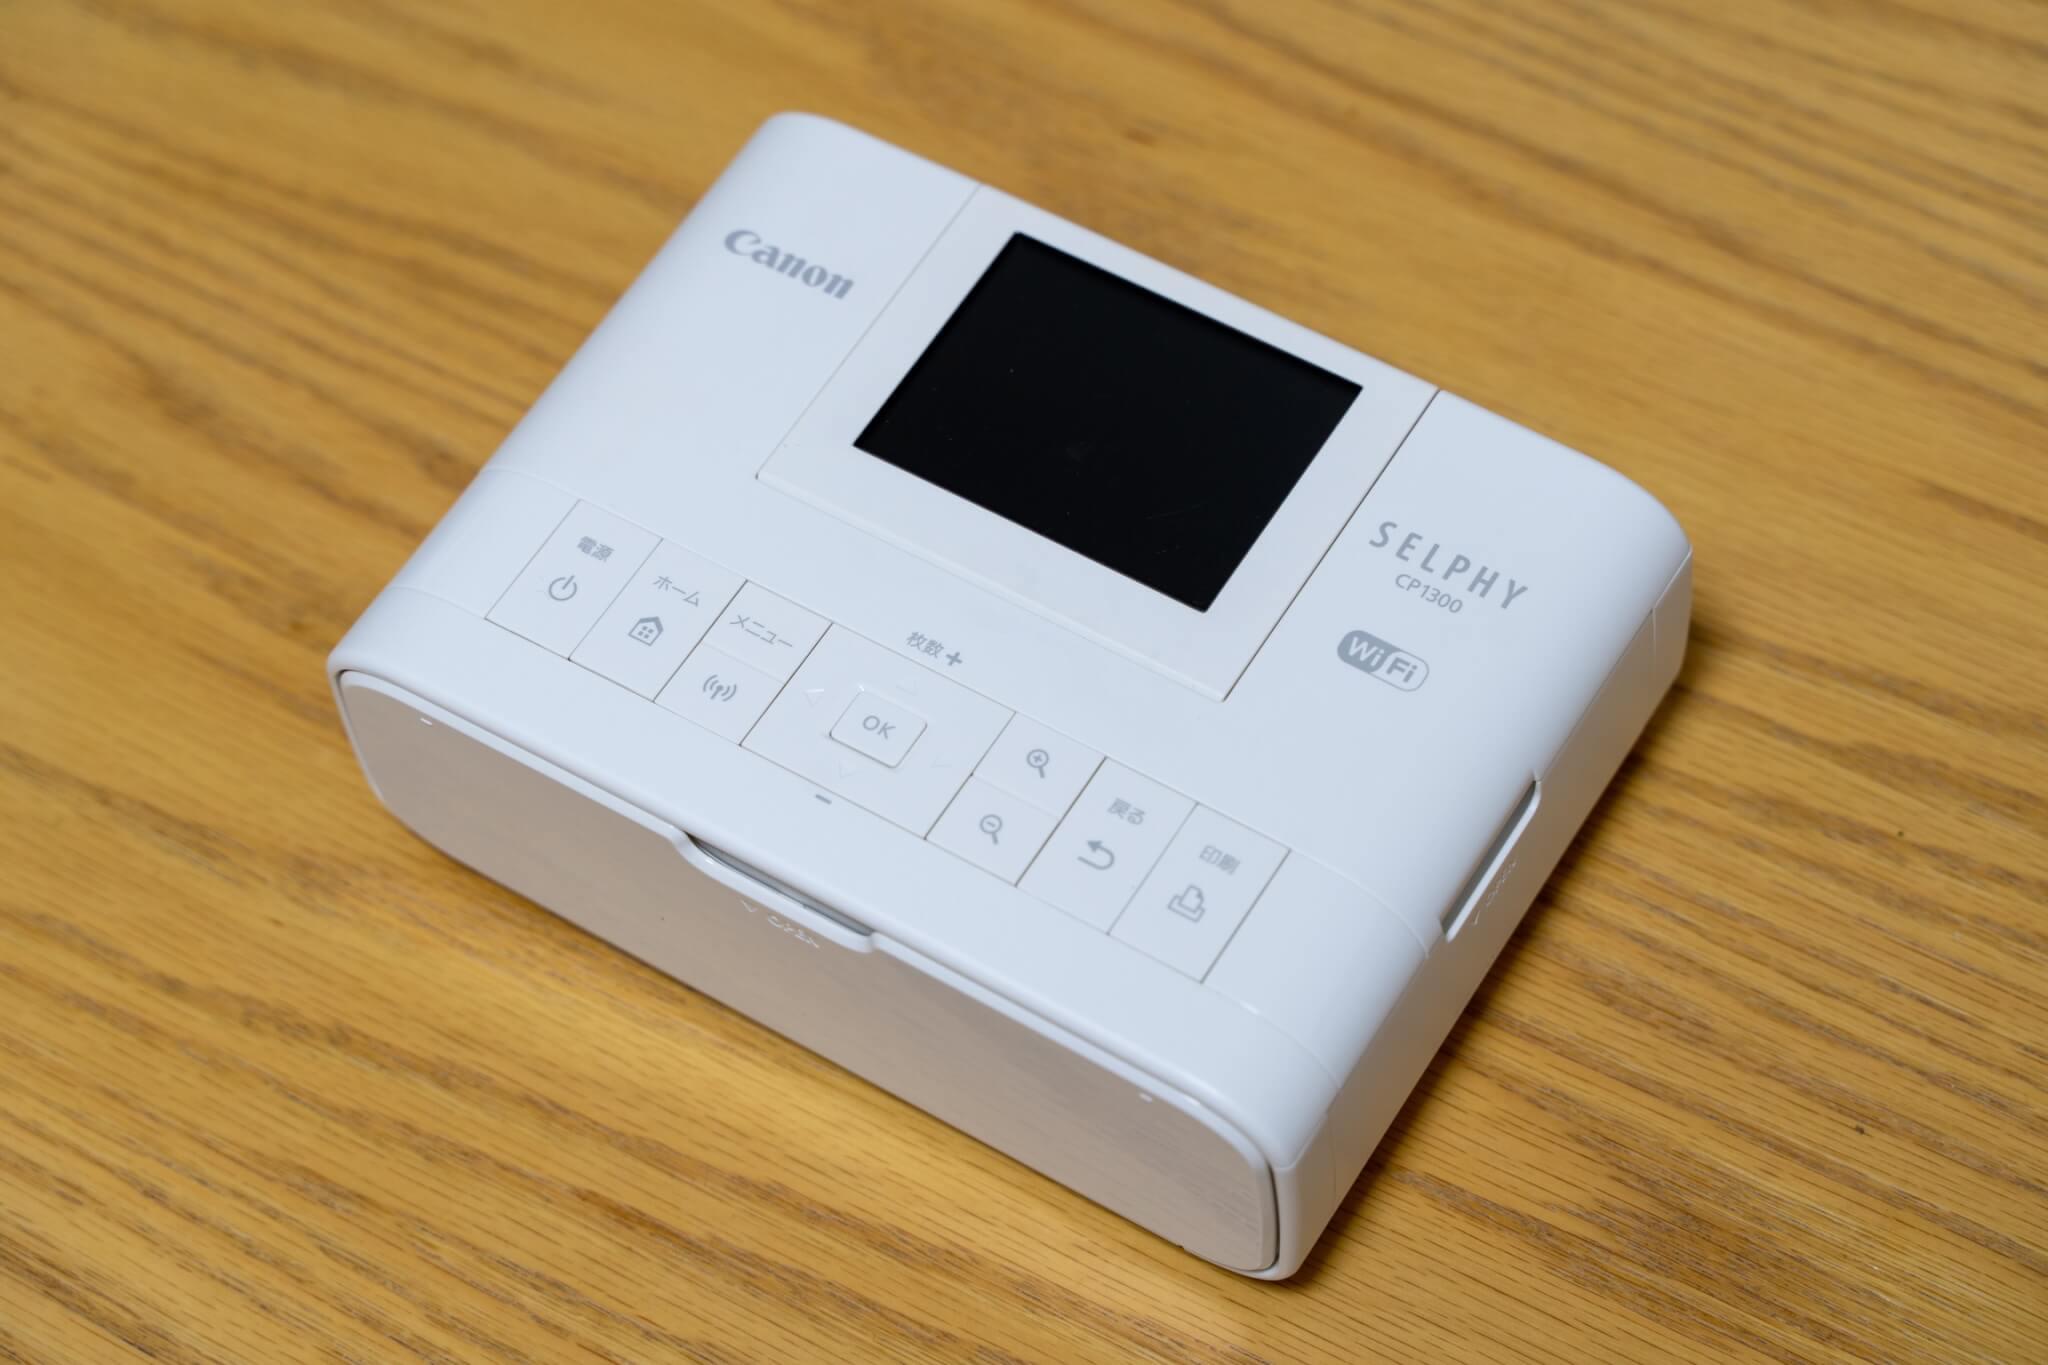 Canon SELPHY CP1300 実機レビュー。写真印刷がもっと身近になるコンパクトフォトプリンター